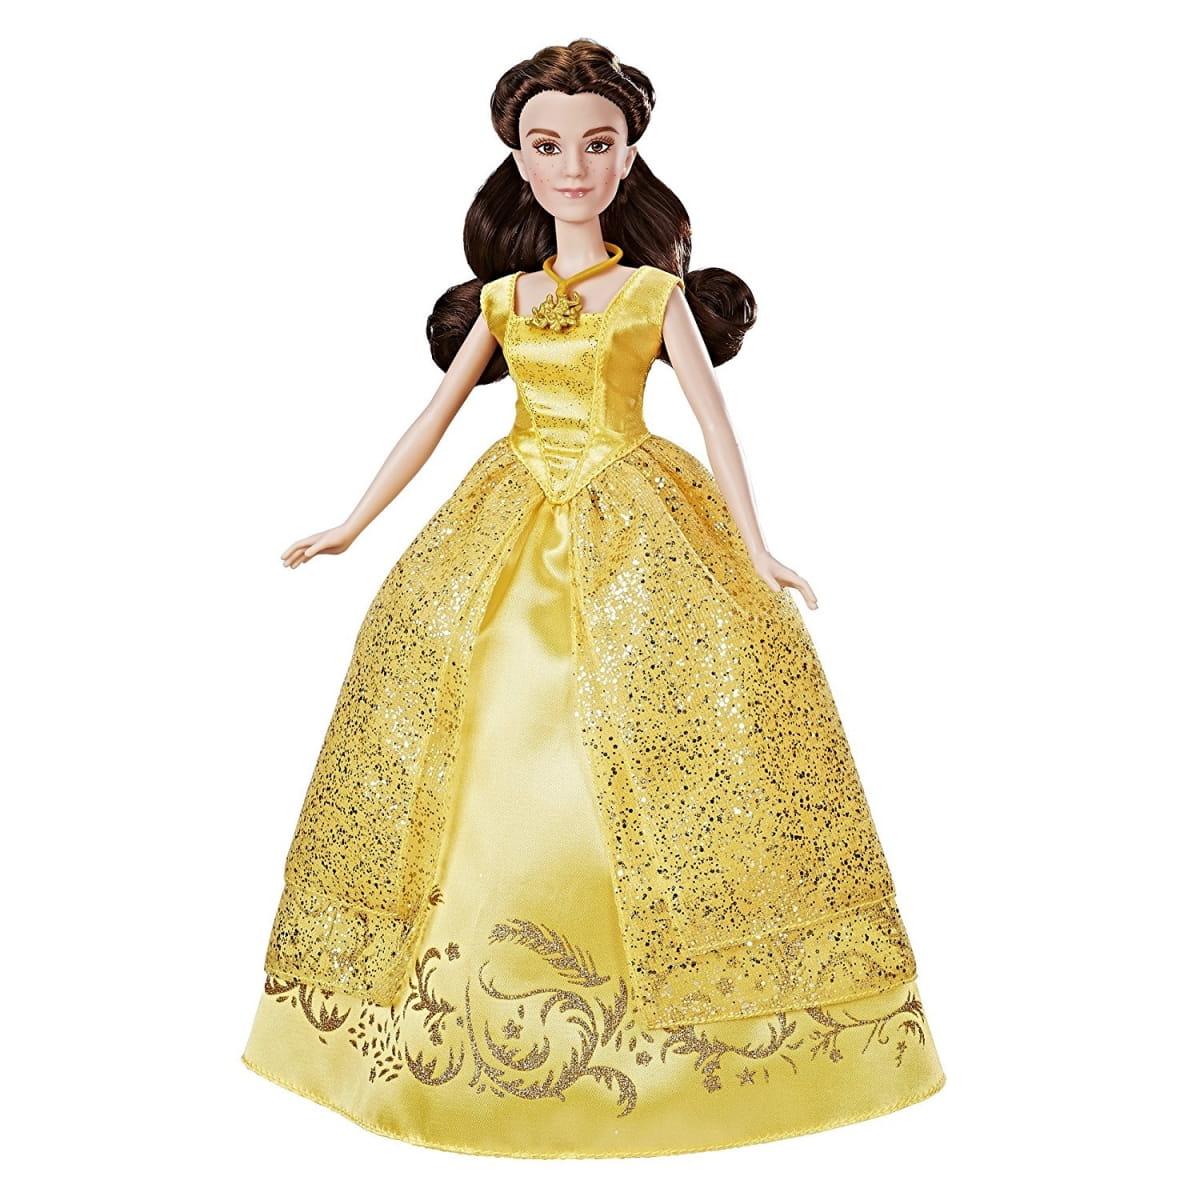 Кукла Disney Princess Поющая Белль (HASBRO) - Принцессы Дисней